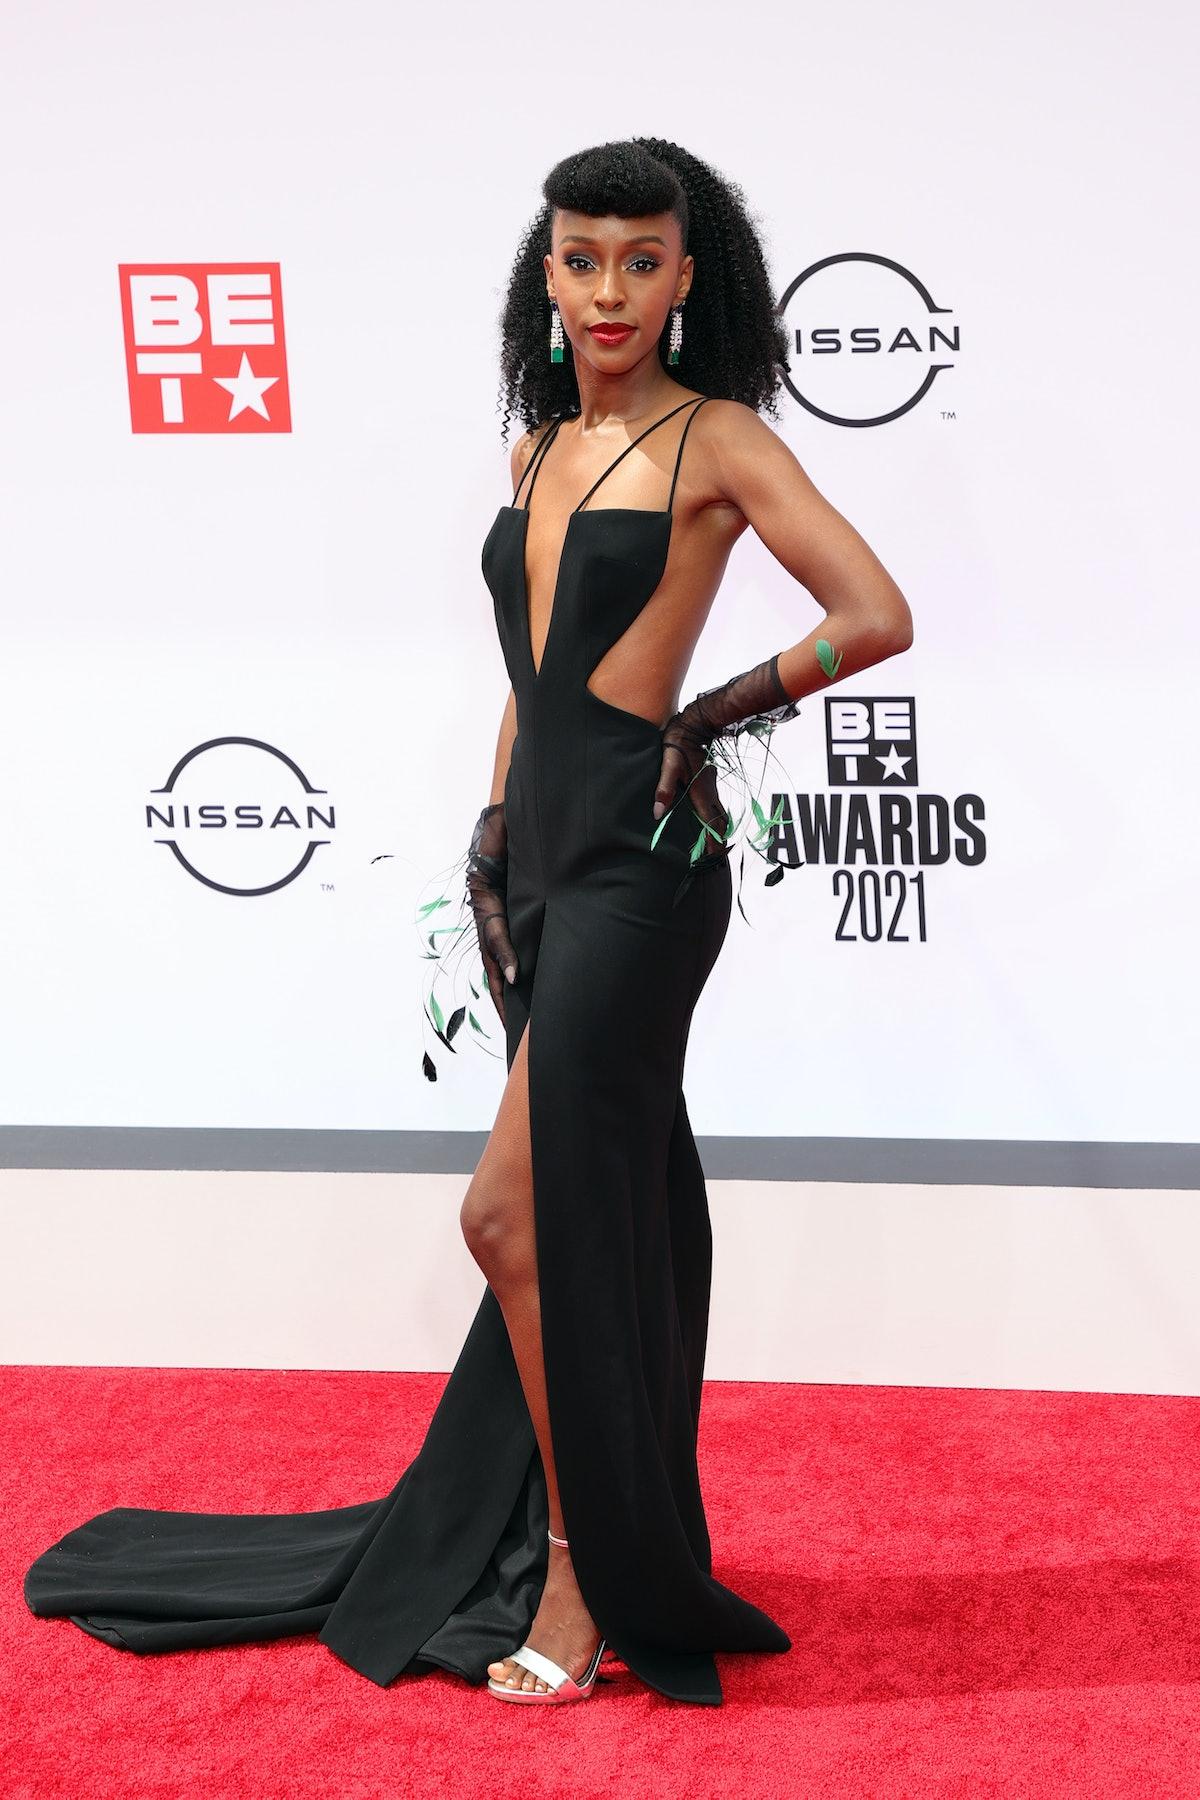 Ebony Obsidian at the 2021 BET Awards